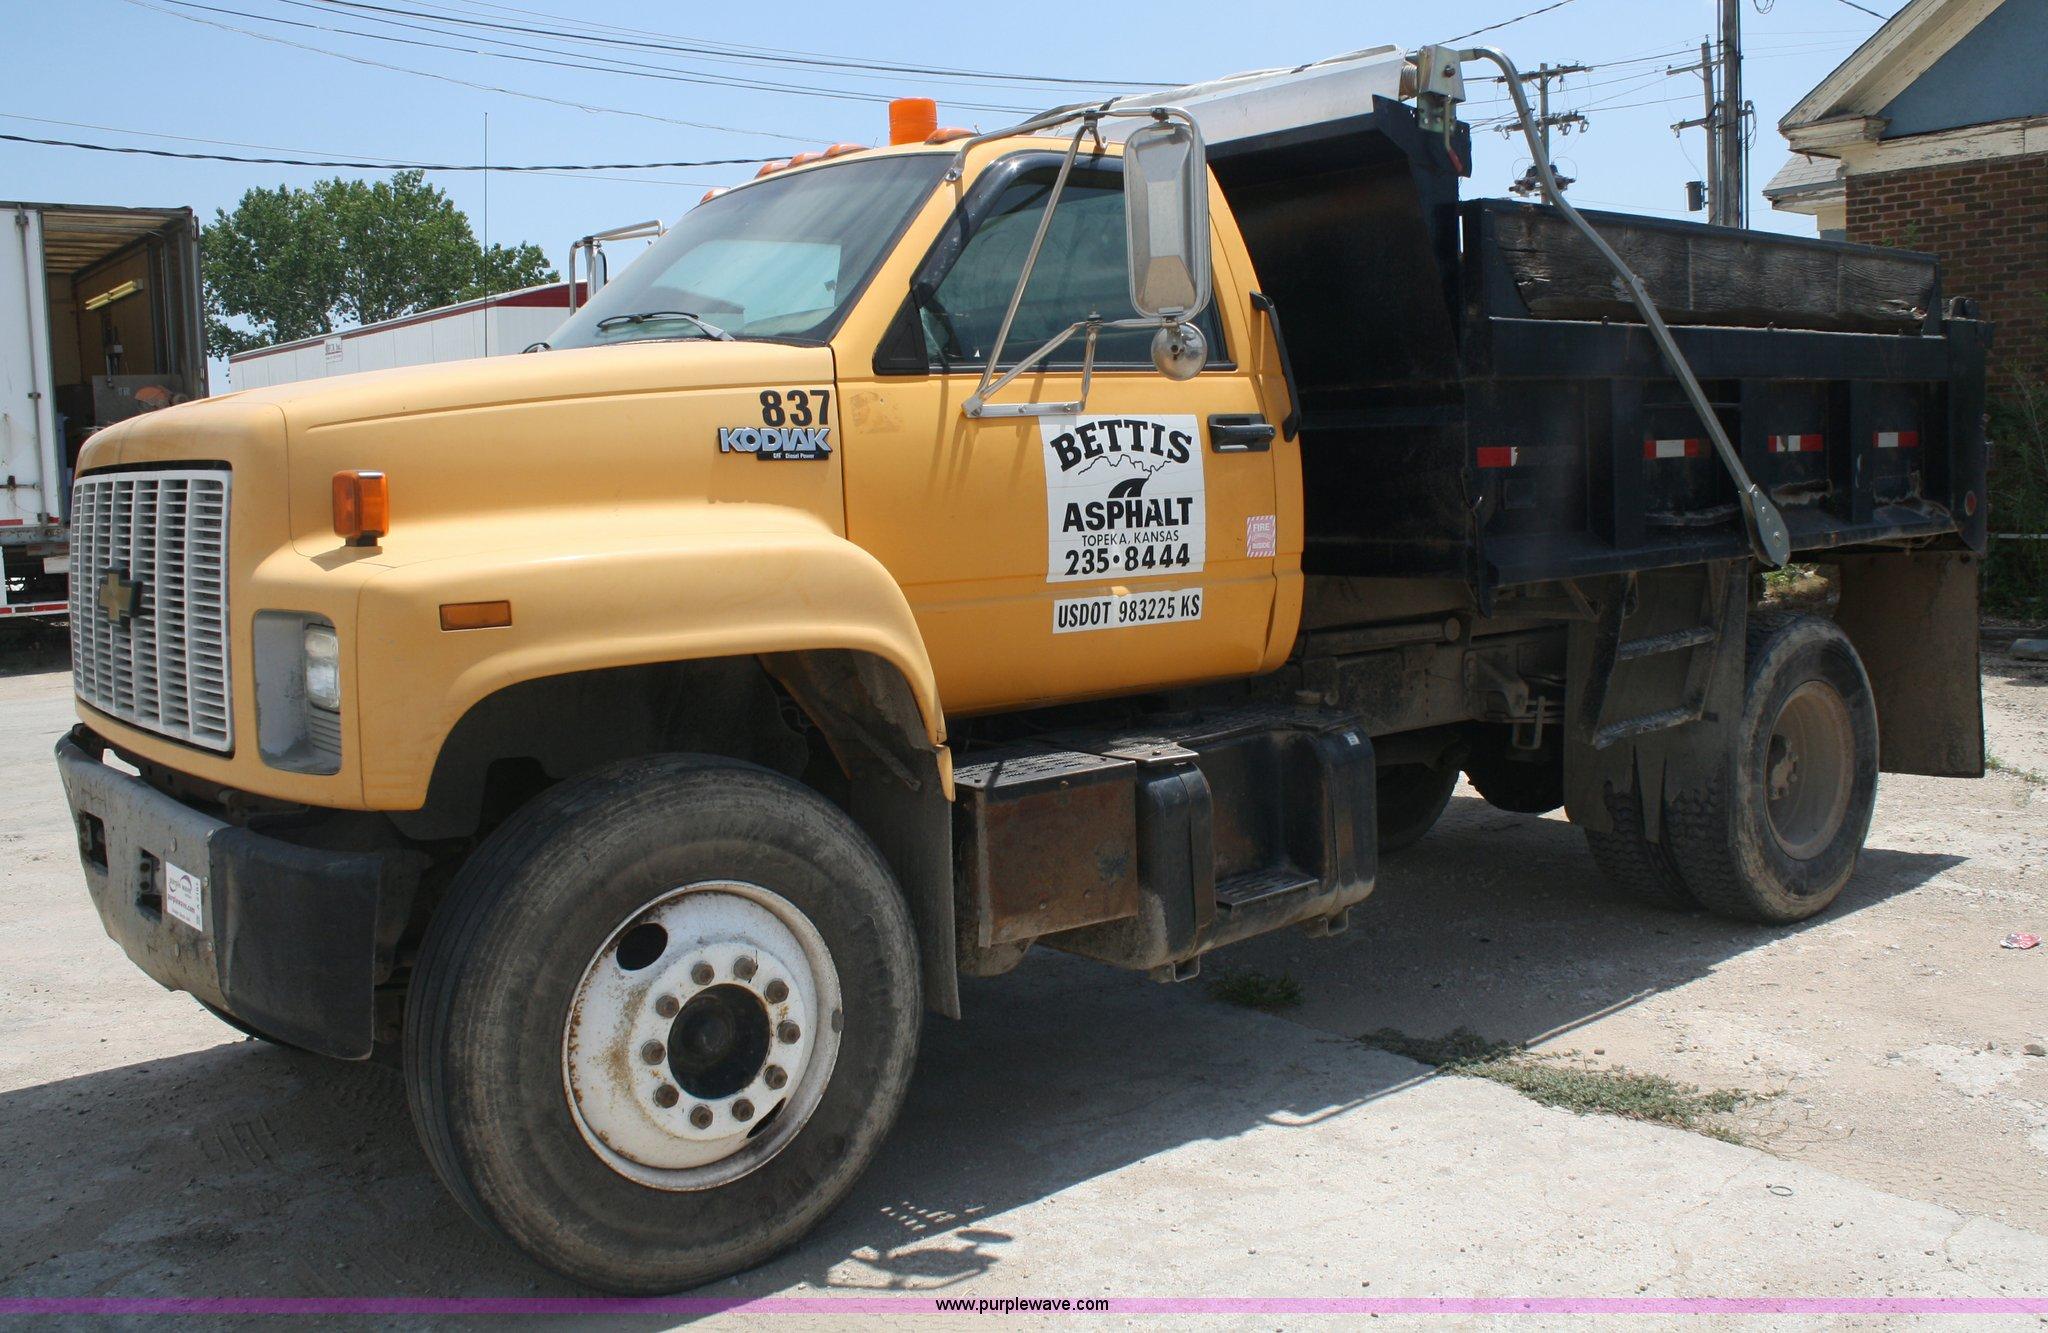 1993 Chevrolet Kodiak dump truck | Item A2181 | SOLD! August